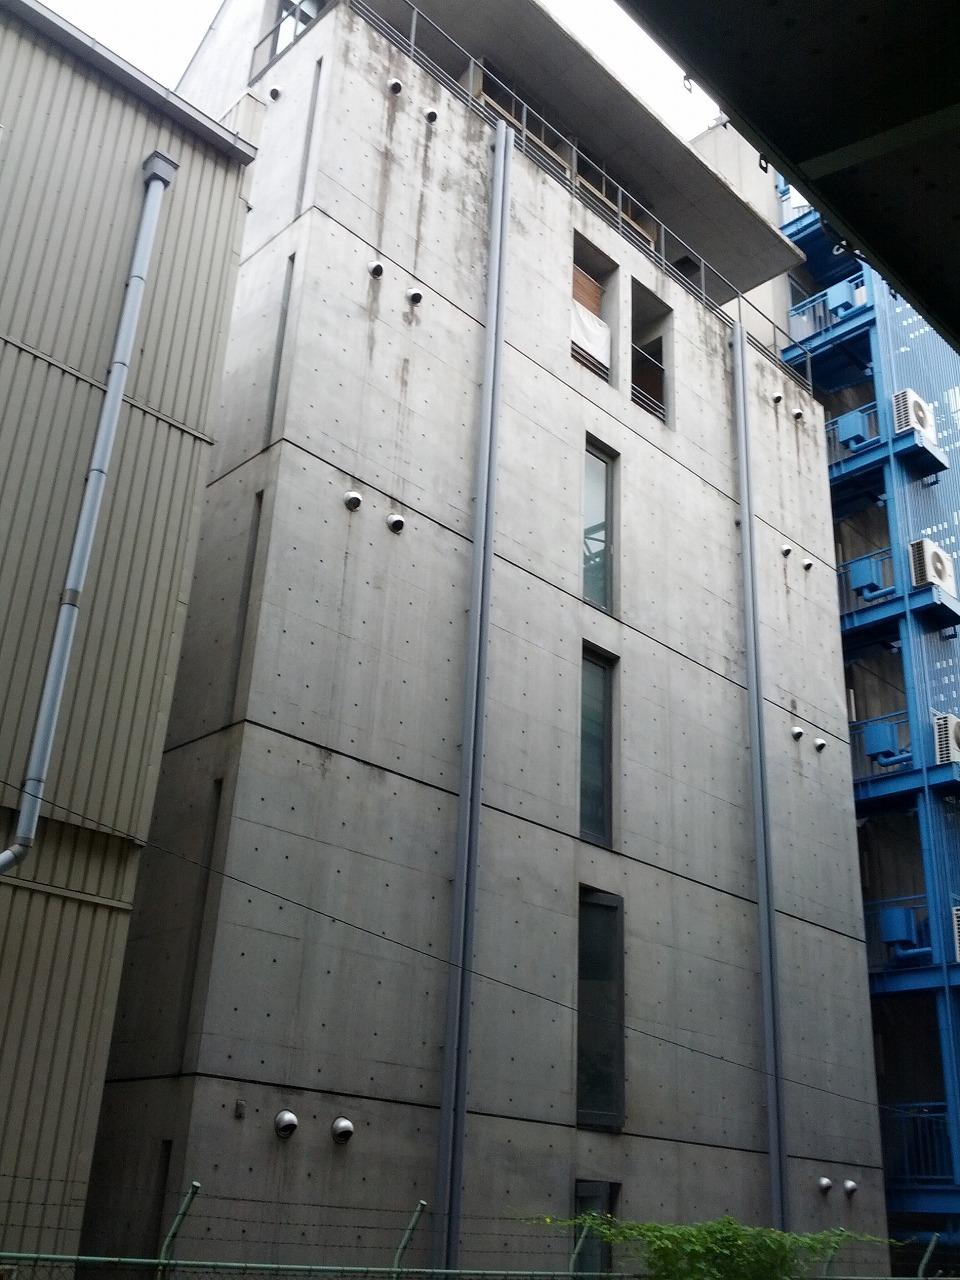 安藤忠雄氏設計アランジアロンゾビル様改修工事 施工前